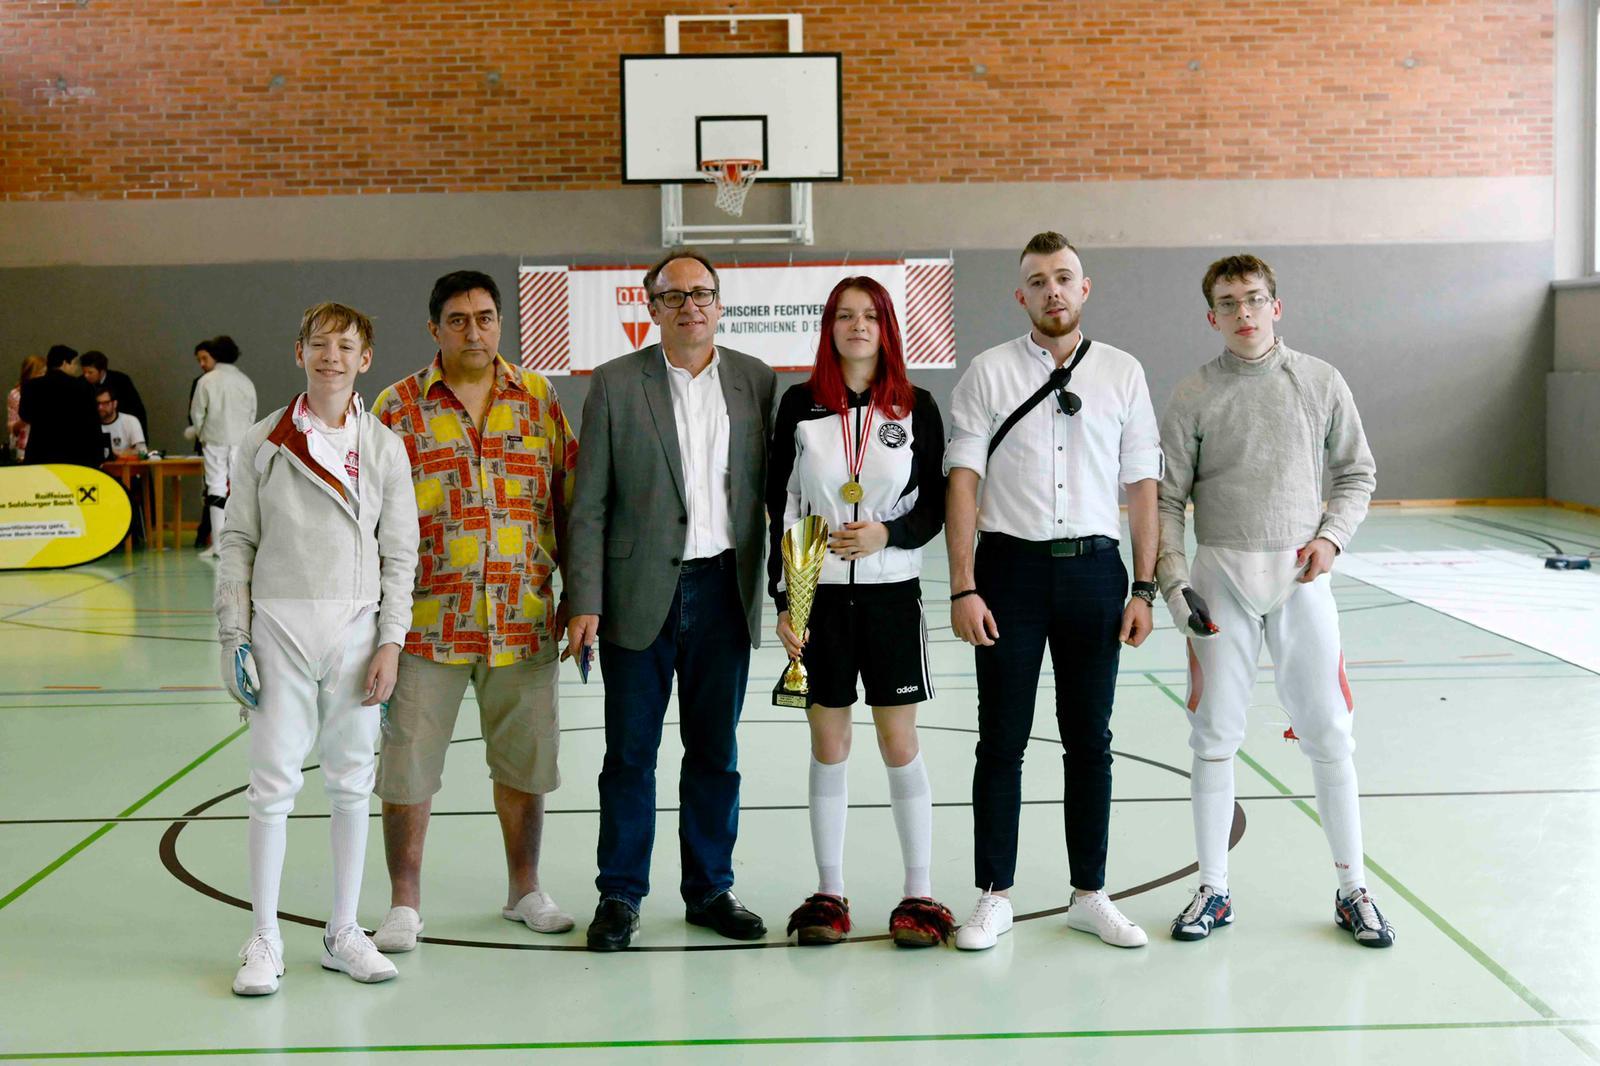 Unsere Delegation in Salzburg: Jonas, Nikolay, Hannes jun., Frida, Mateusz und Luki.